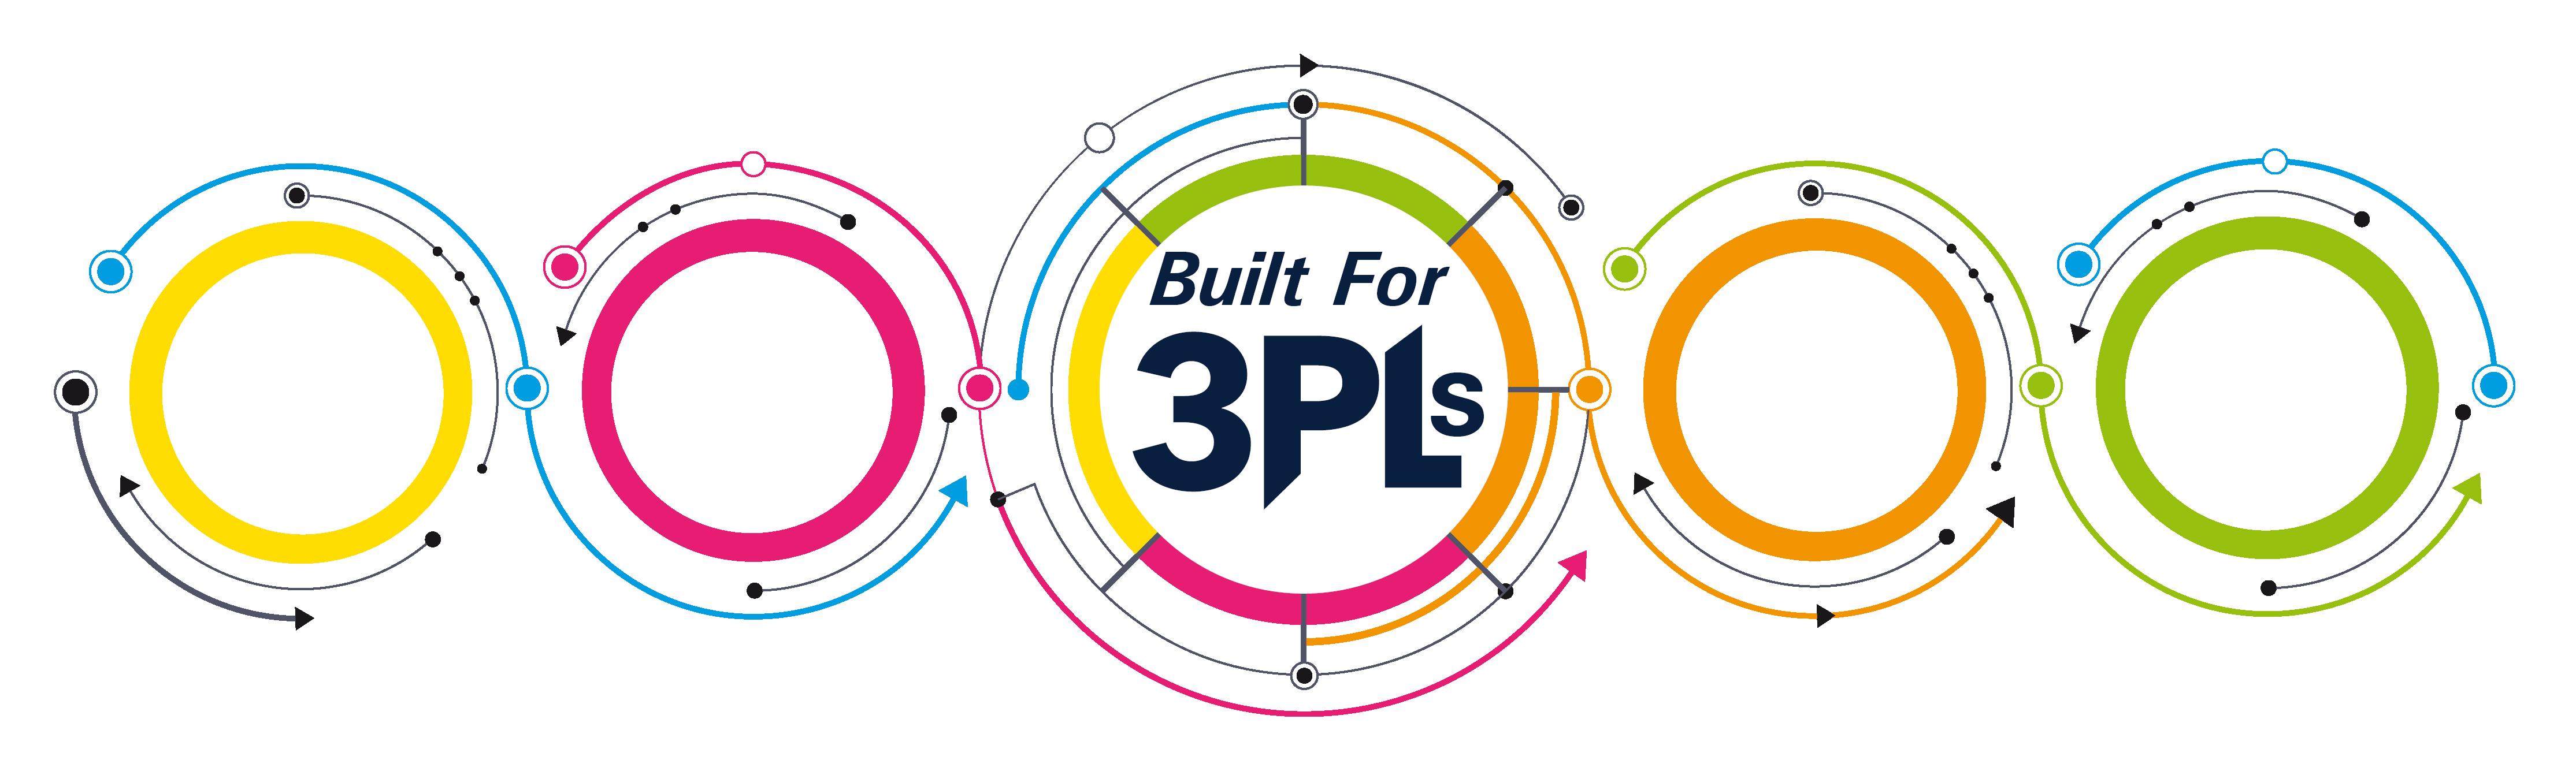 2021 - Built for 3PLs Tagline